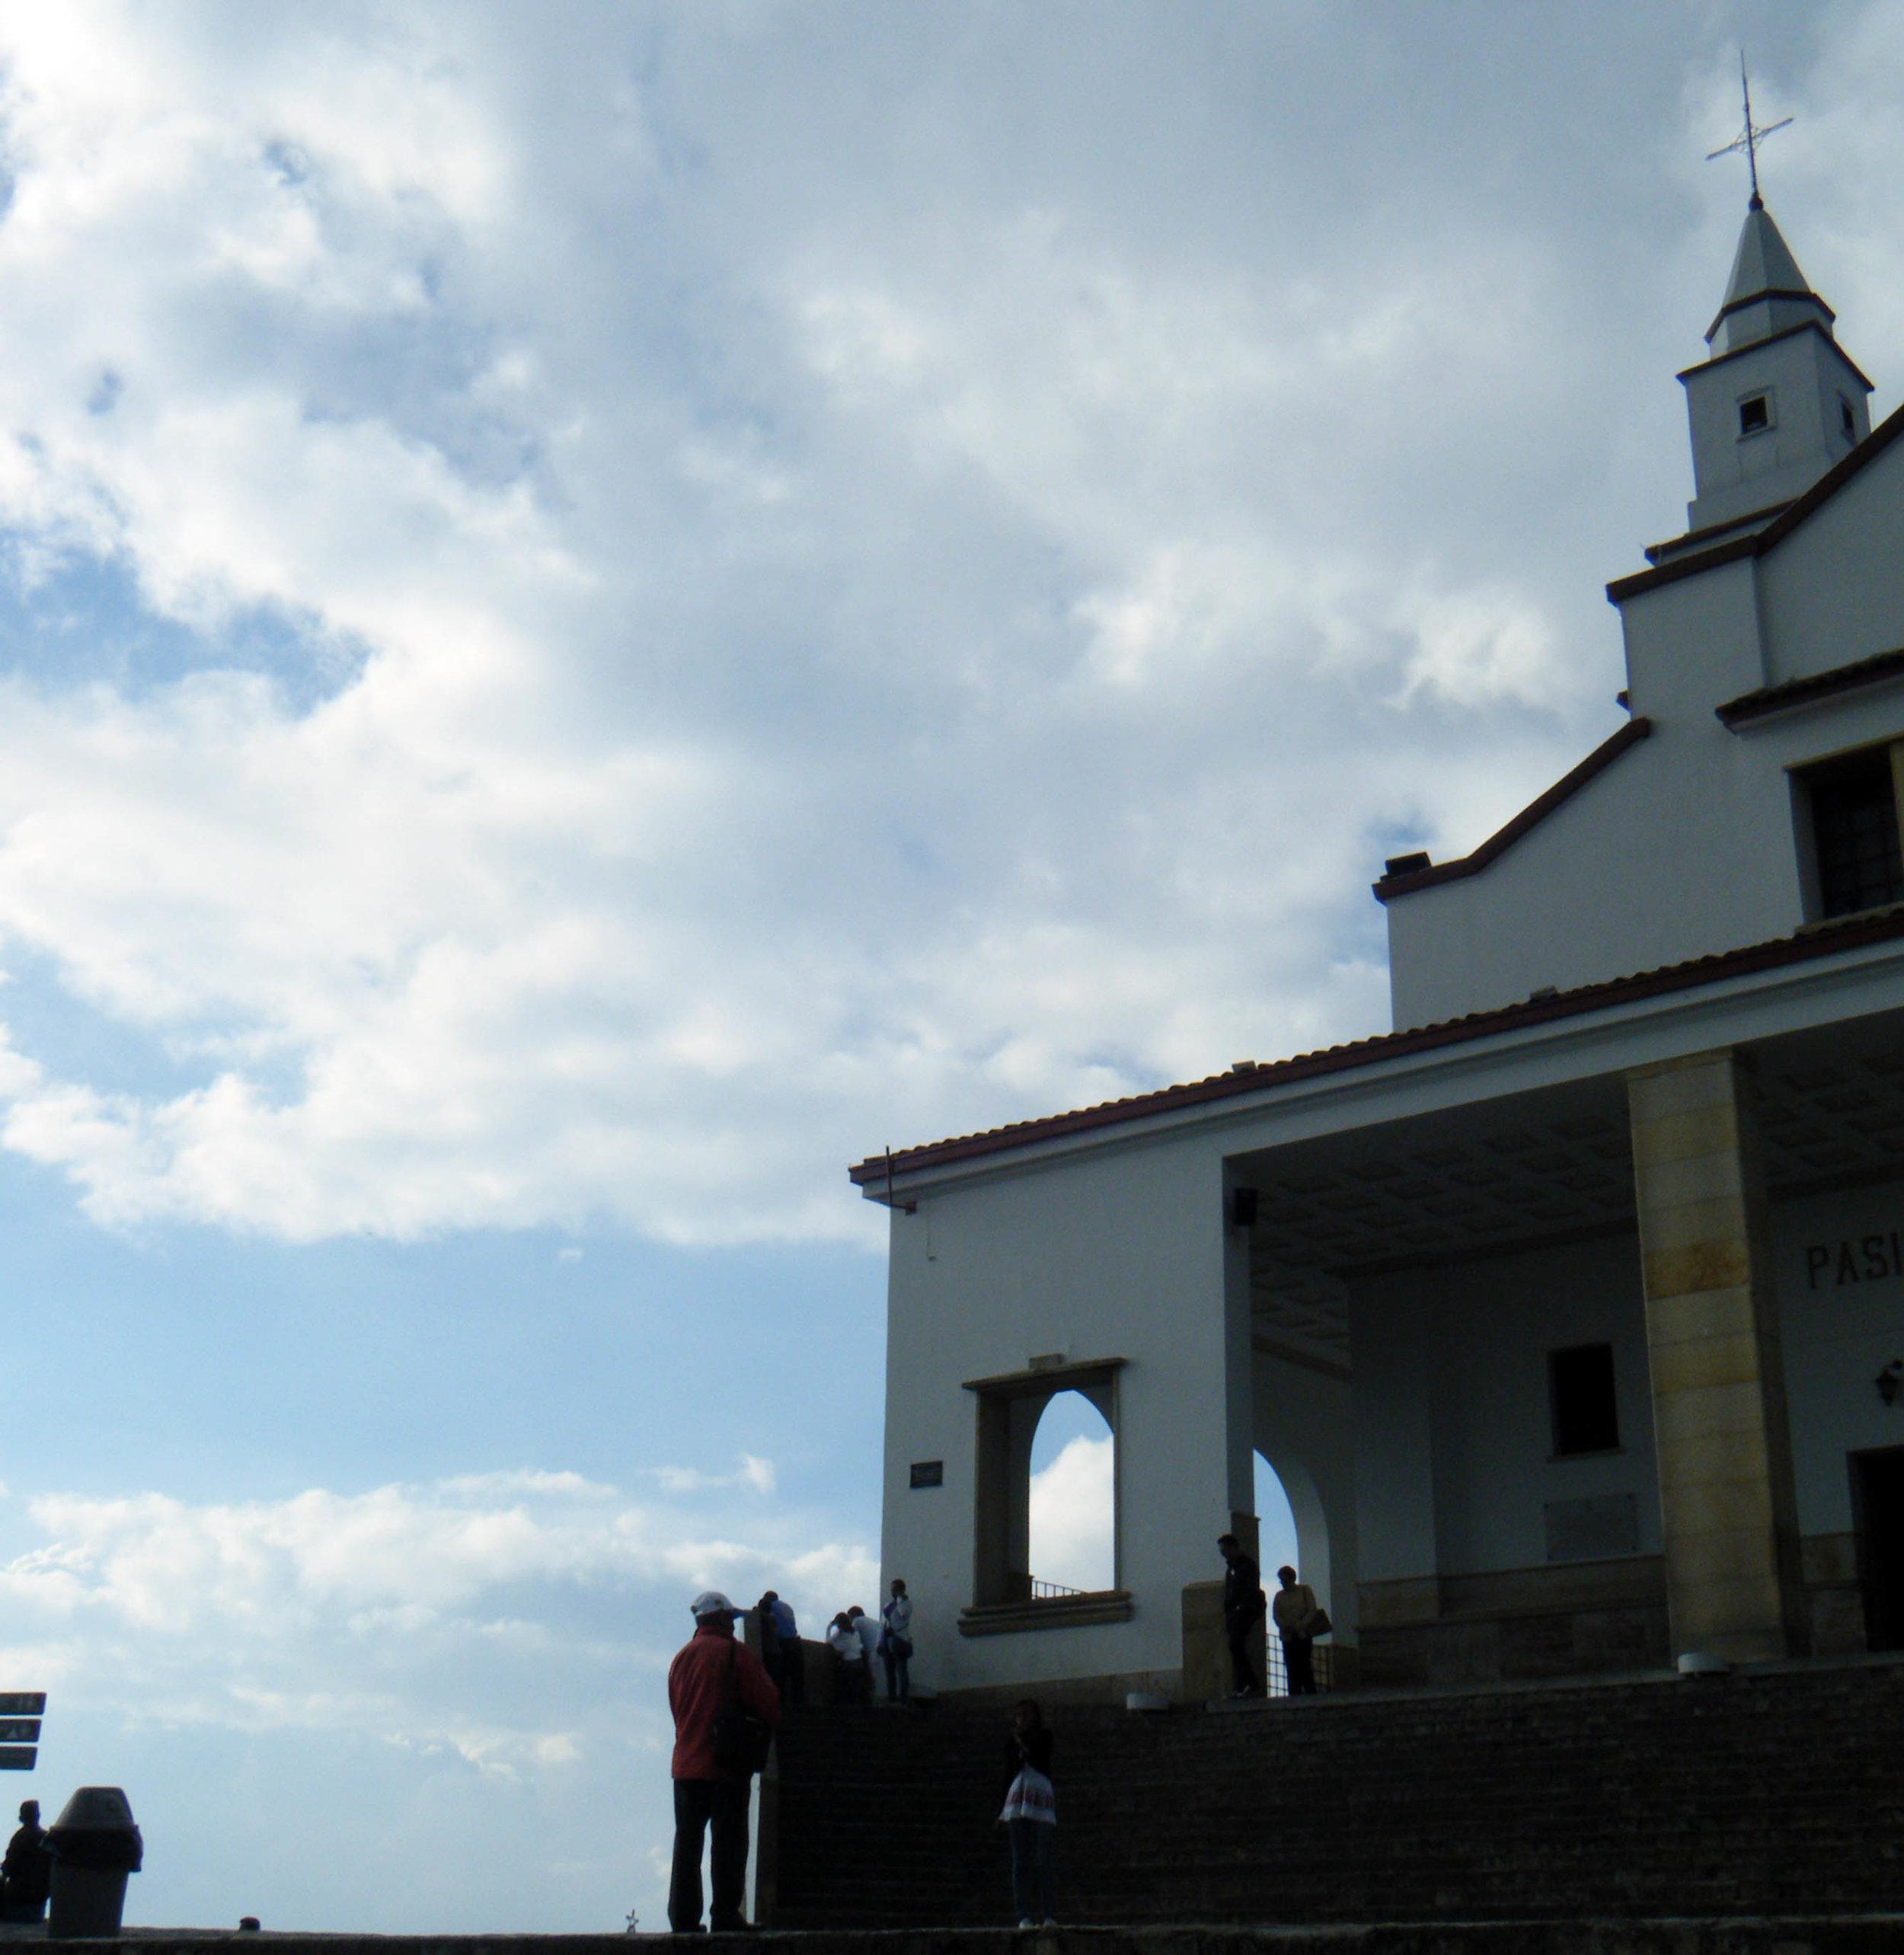 church at summit.jpg